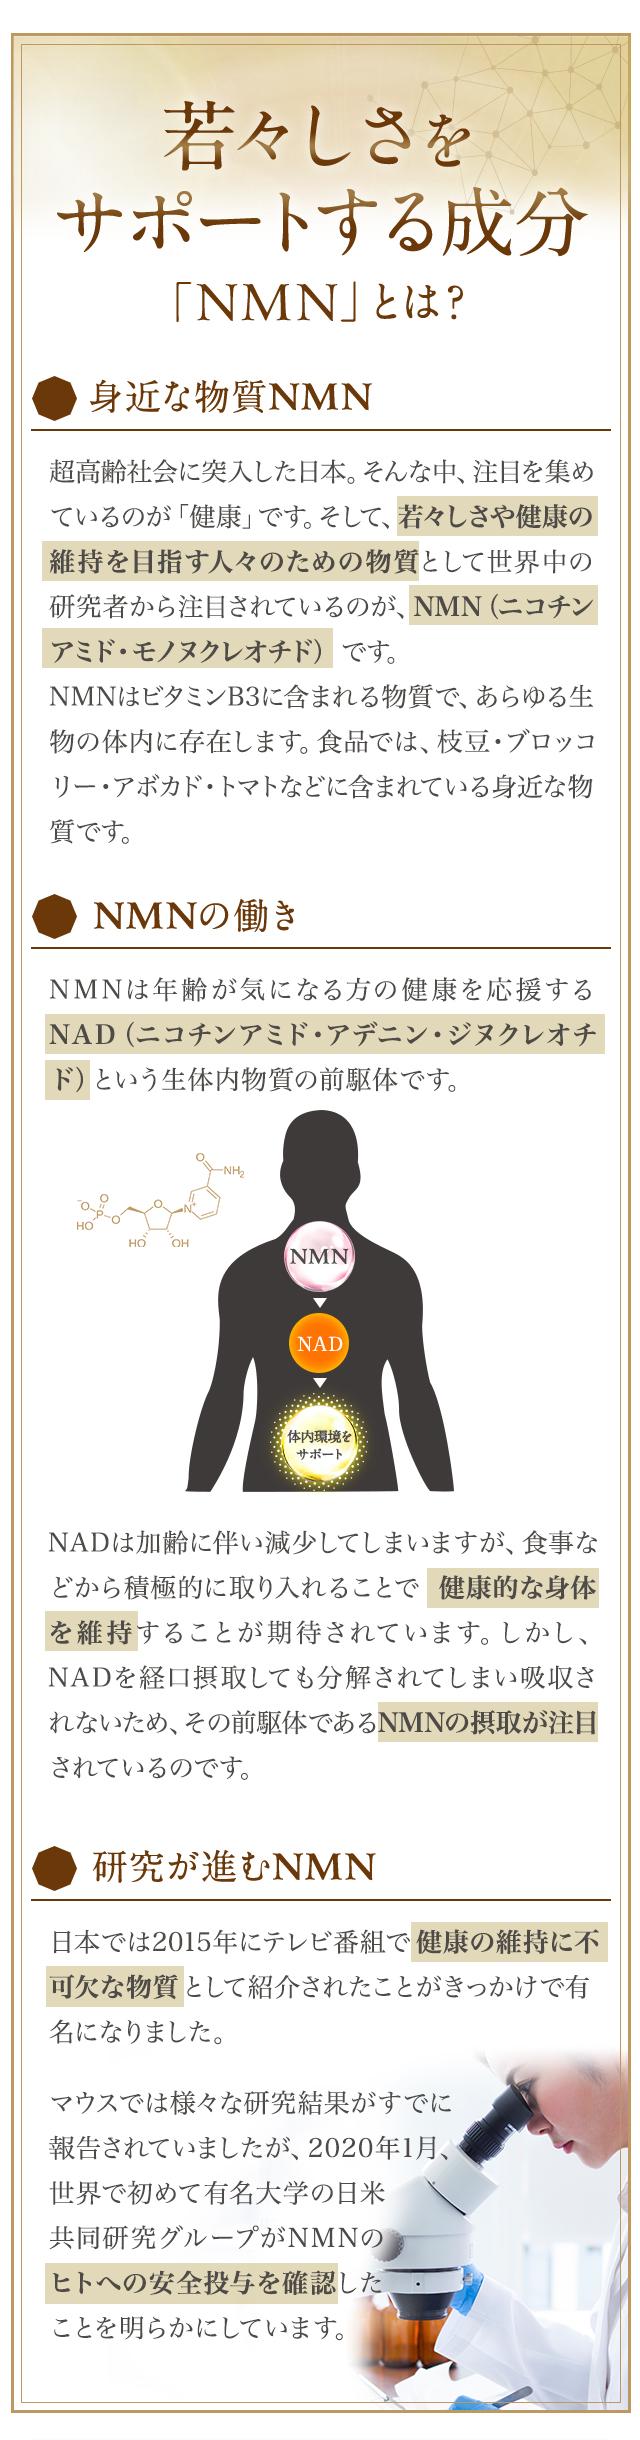 若々しさをサポートする成分「NMN」とは?